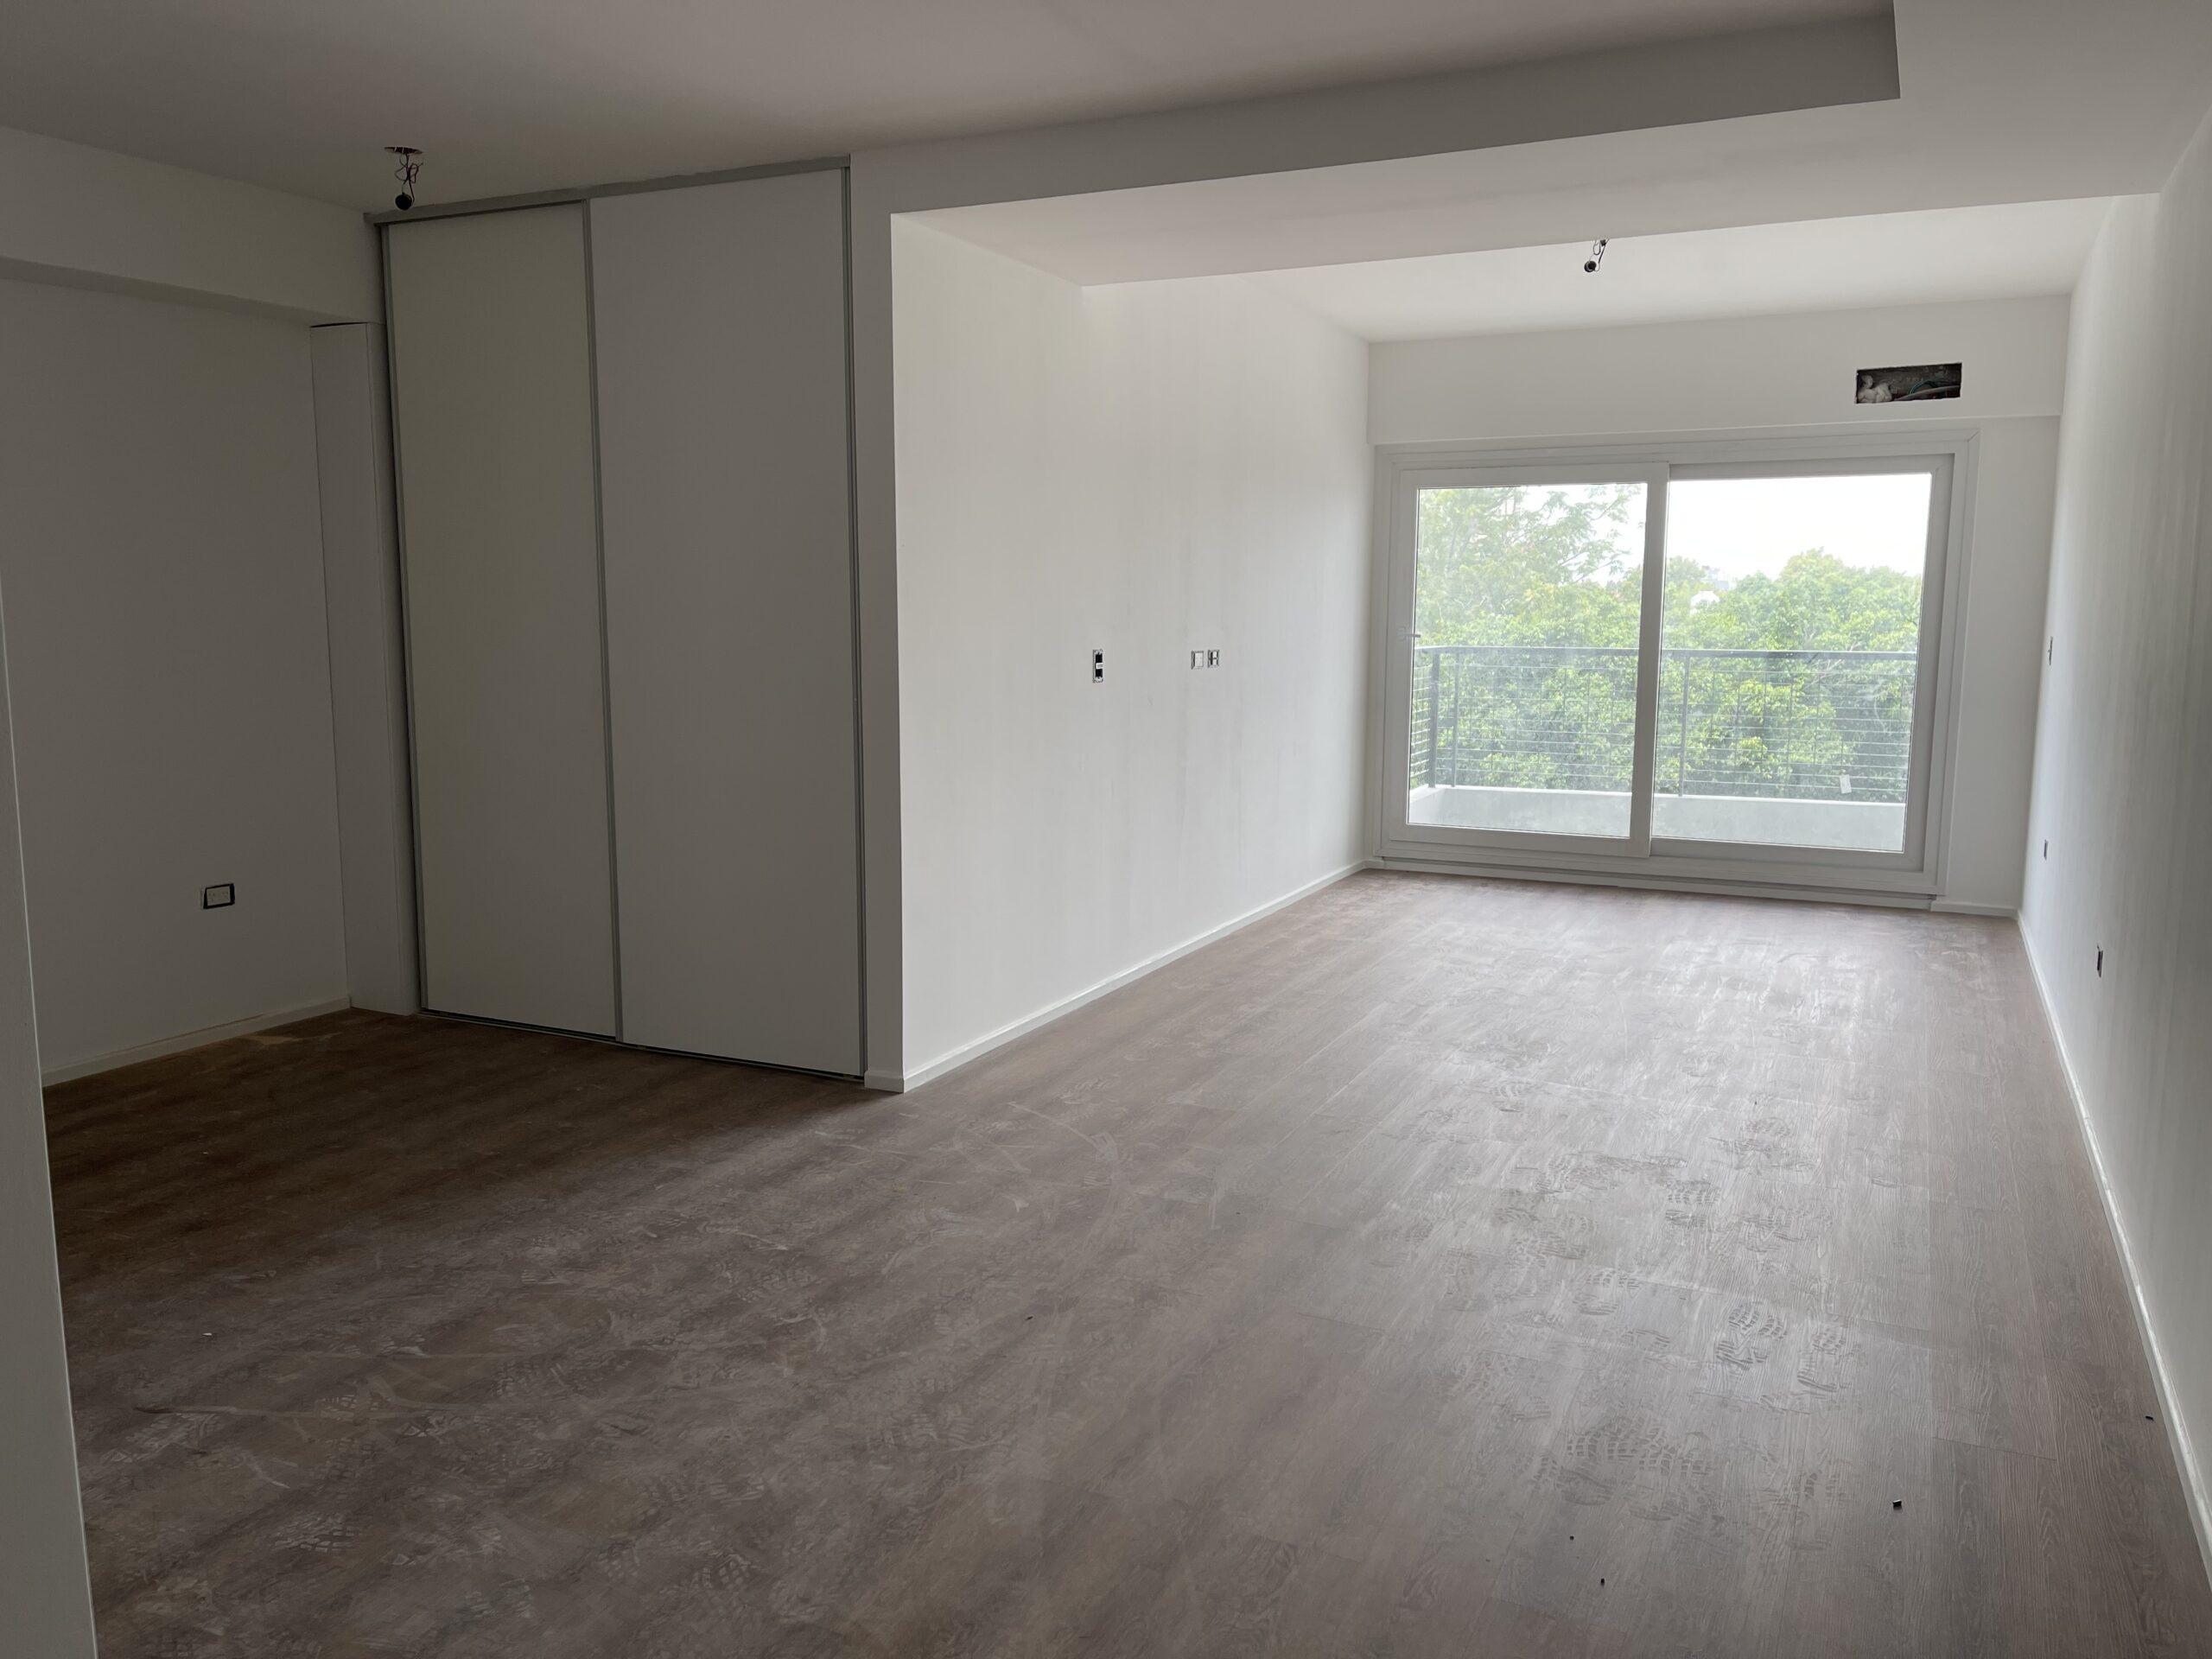 Echeverria nro 5236 Villa Urquiza